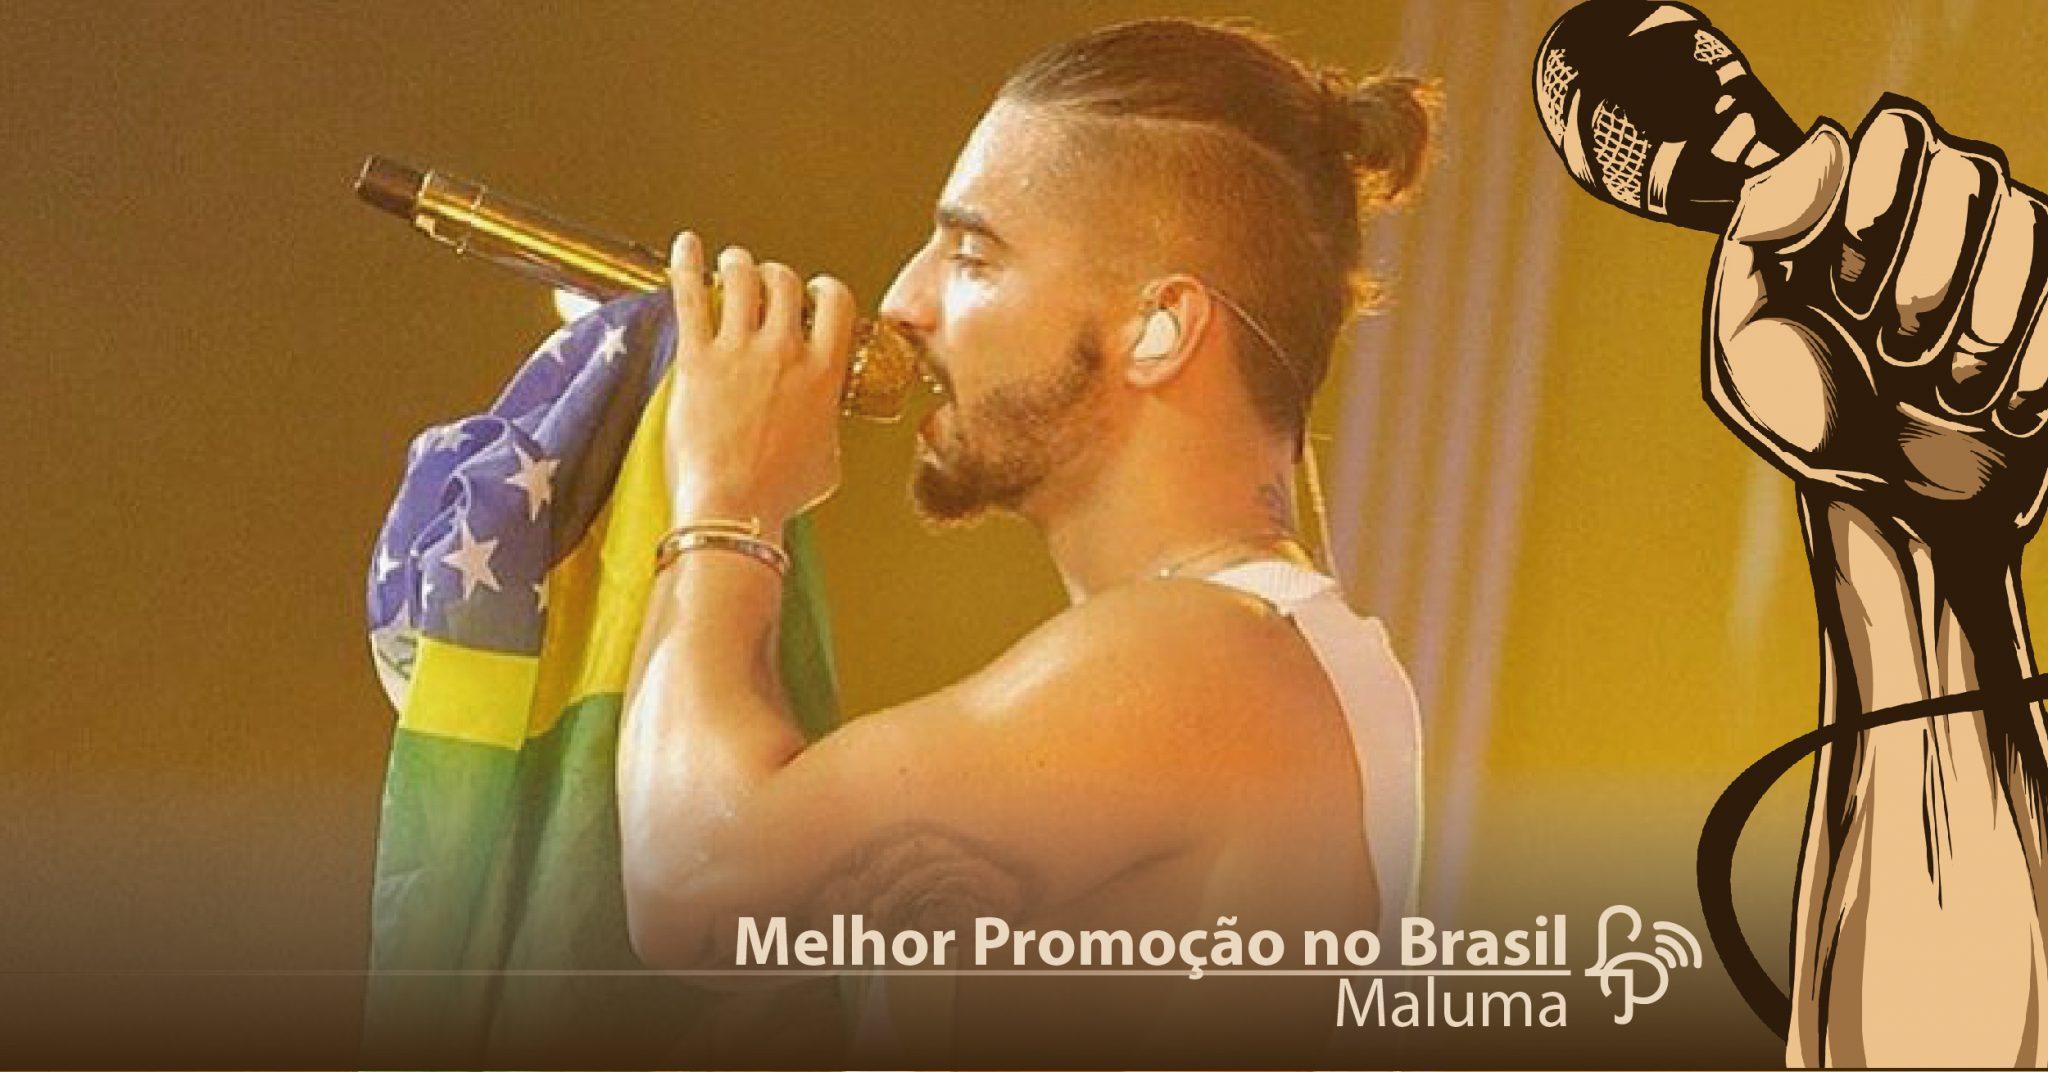 Melhor Promoção no Brasil